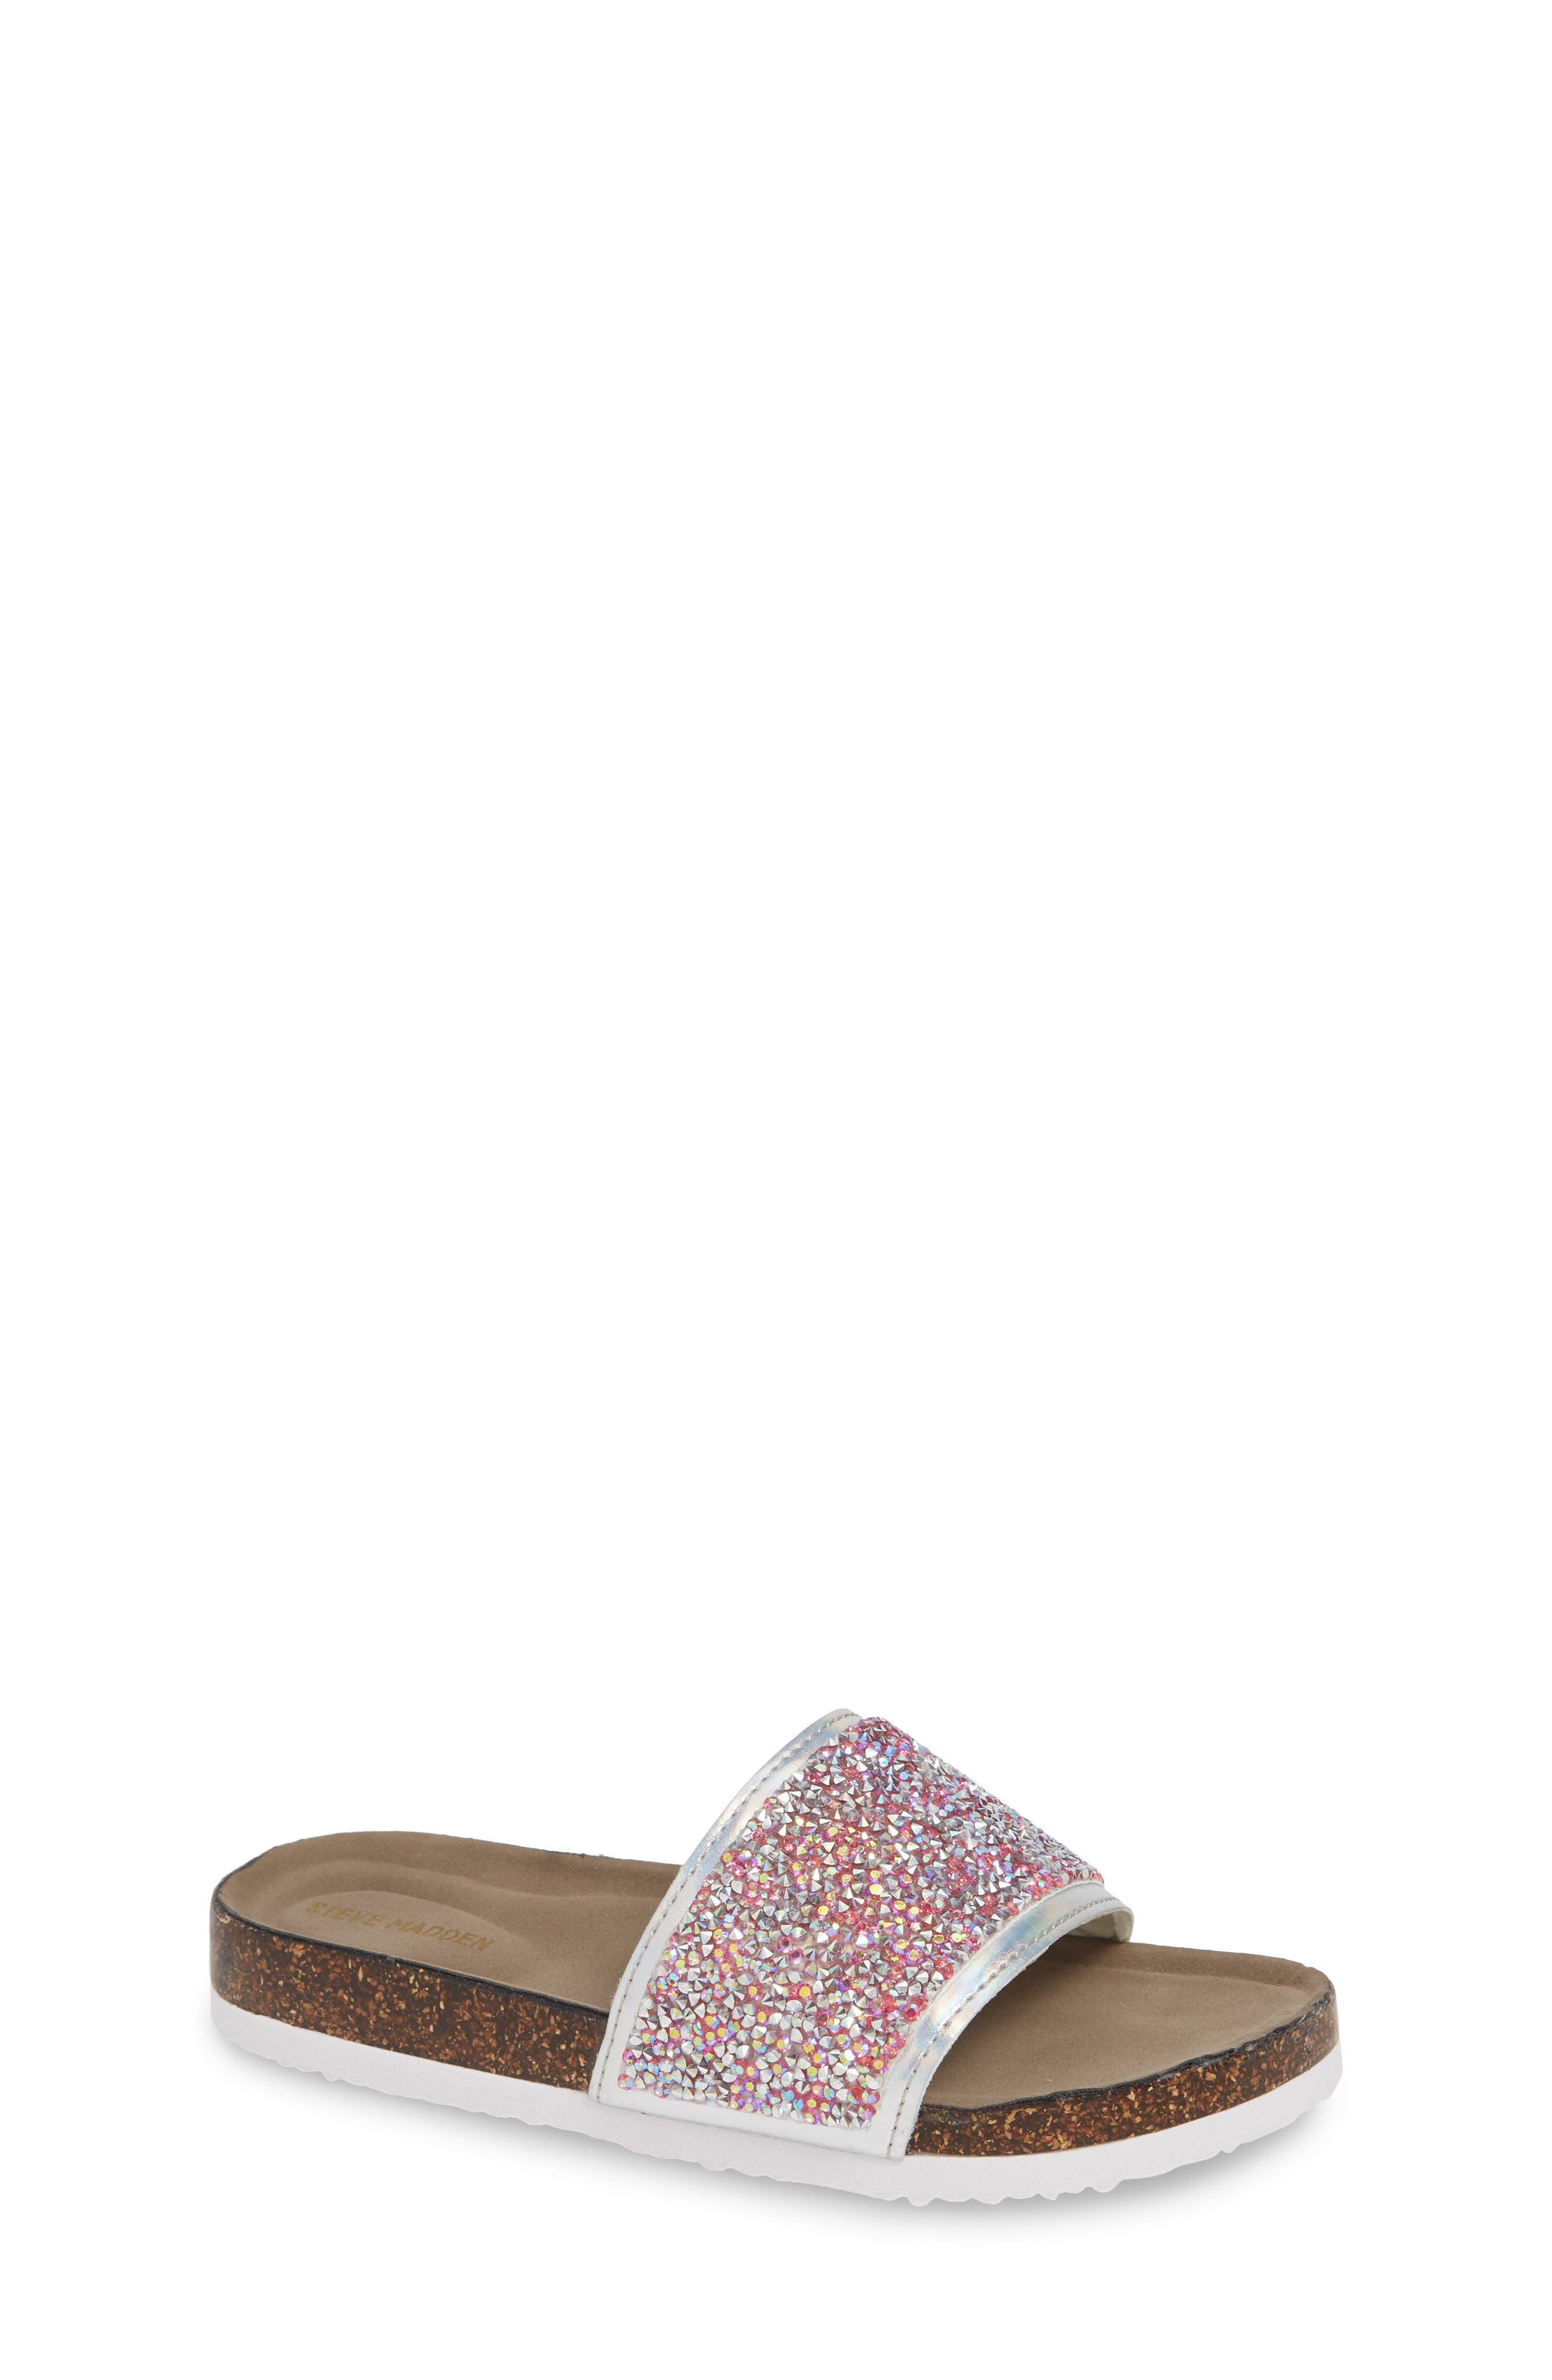 JShineon Sparkle Slide Sandal,                         Main,                         color, PINK MULTI